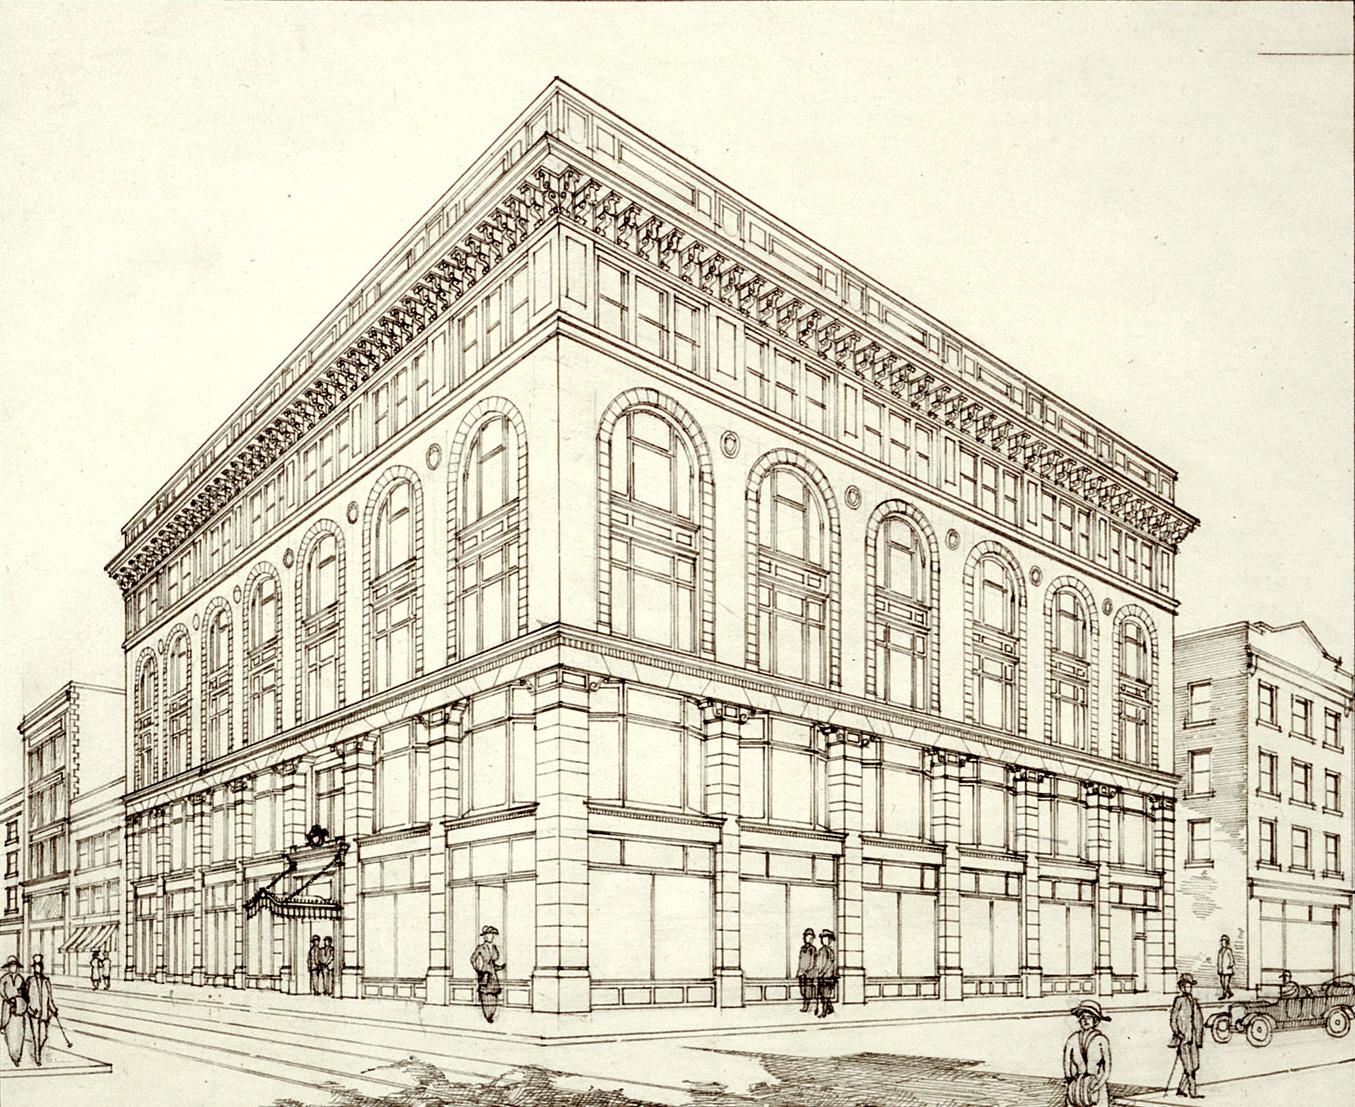 Palazzo style architecture - Wikipedia